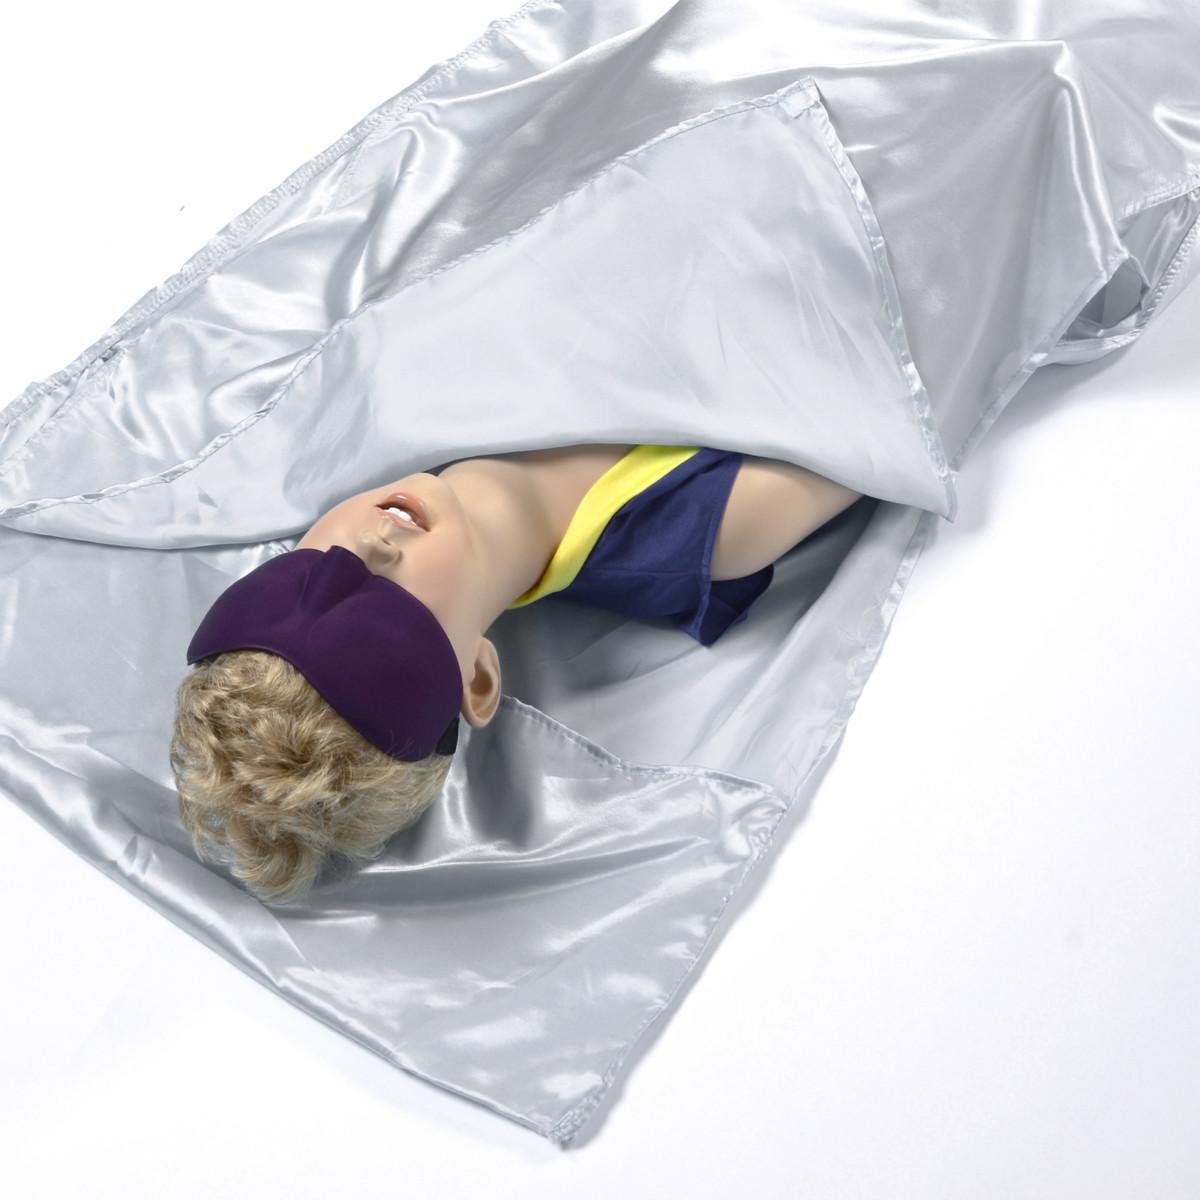 type sac de couchage ean non applicable marque surepromise numéro de